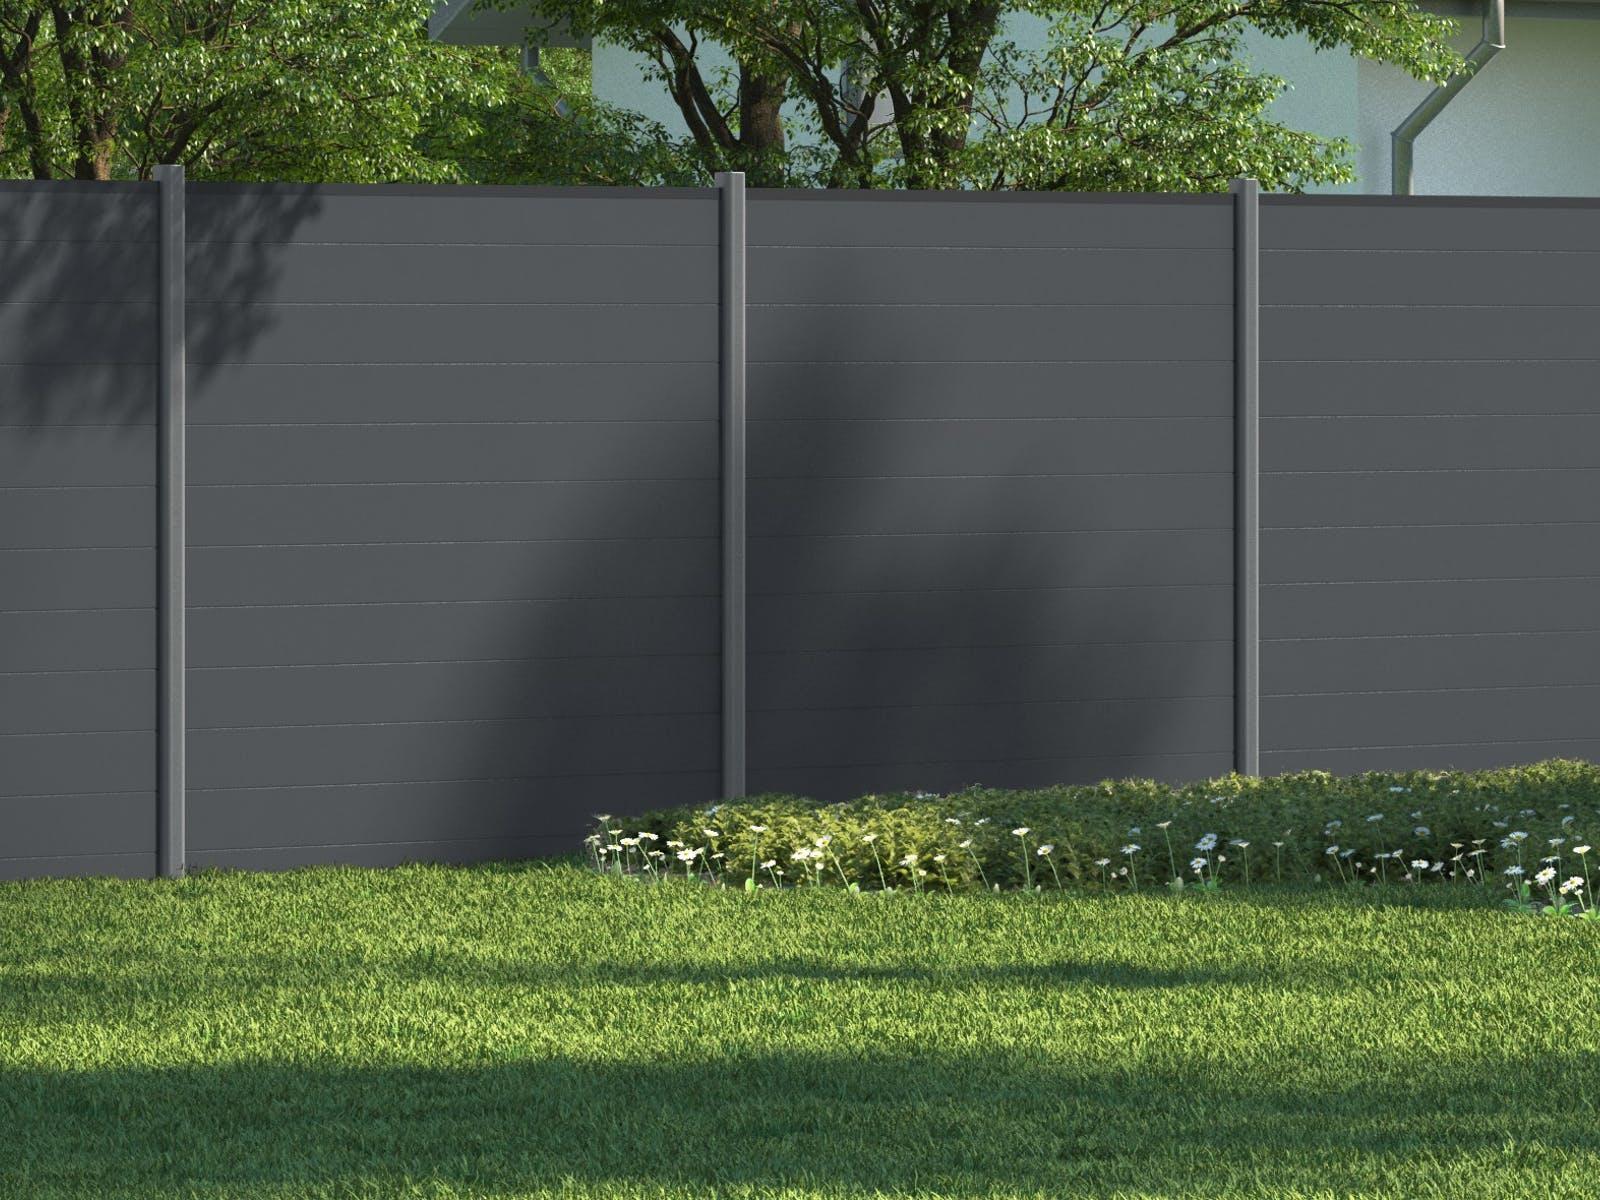 Gartengestaltung Sichtschutz Modern Grau